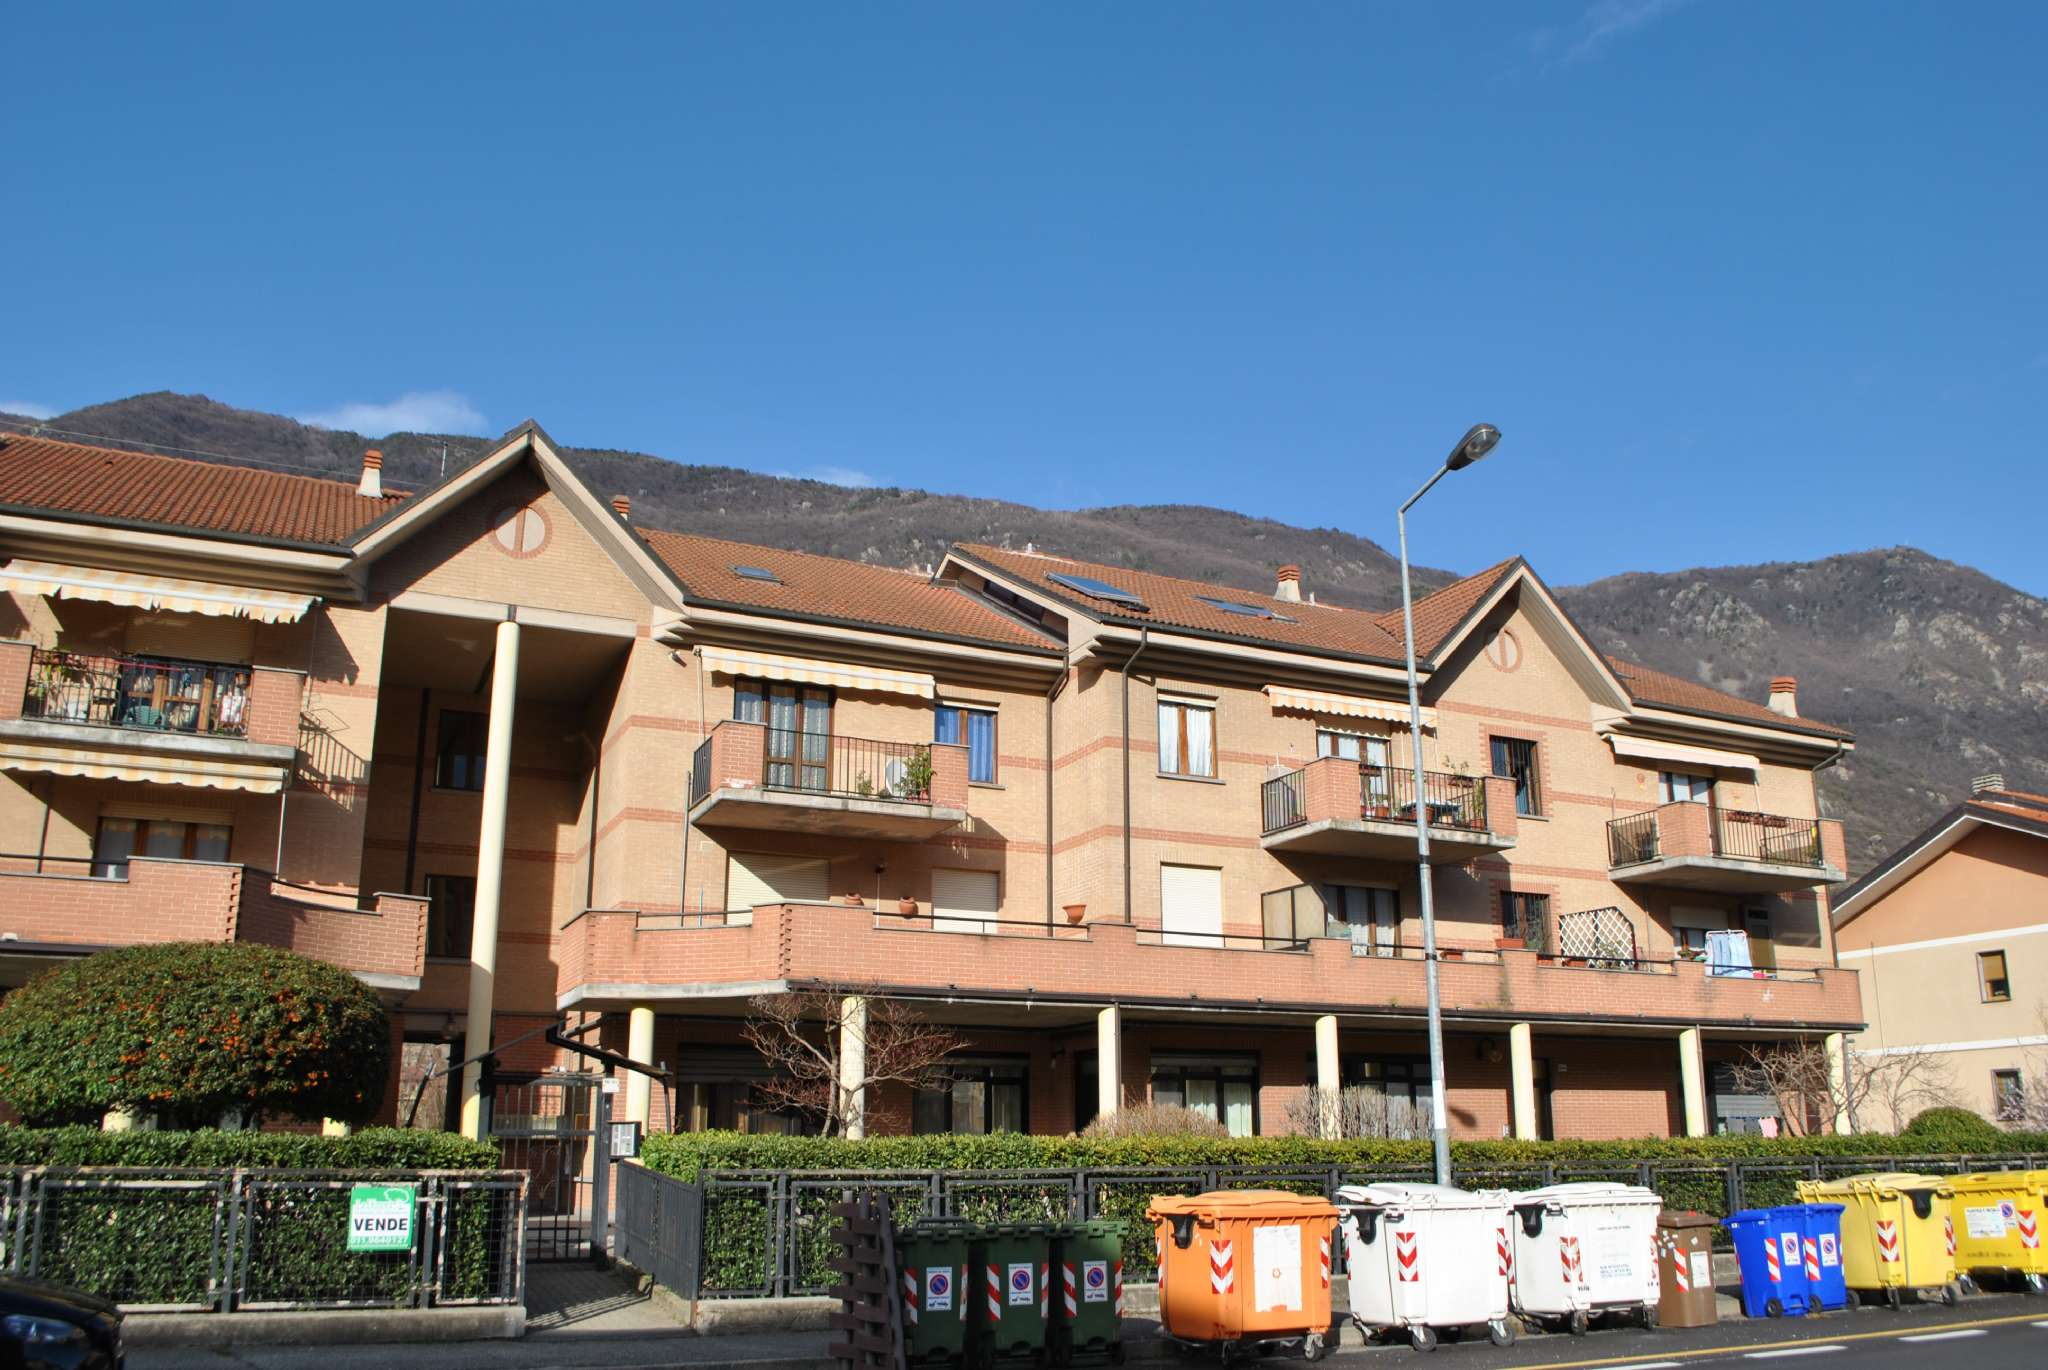 Appartamento in vendita a Borgone Susa, 3 locali, prezzo € 79.000 | PortaleAgenzieImmobiliari.it